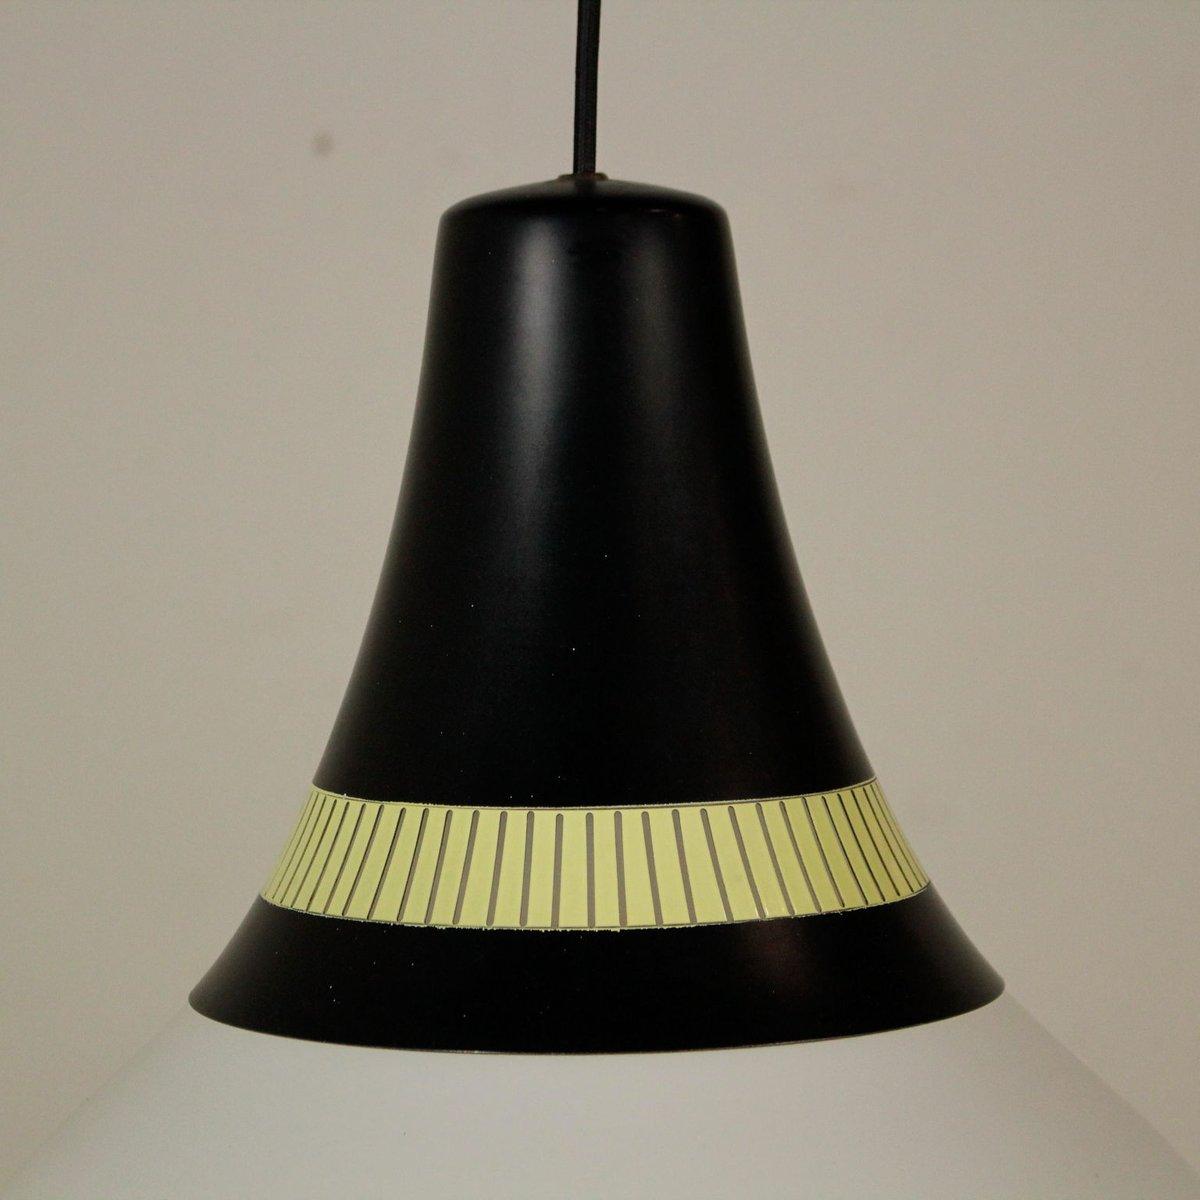 Lampada da soffitto in vetro e alluminio laccato di Stilnovo, anni '60 in vendita su Pamono